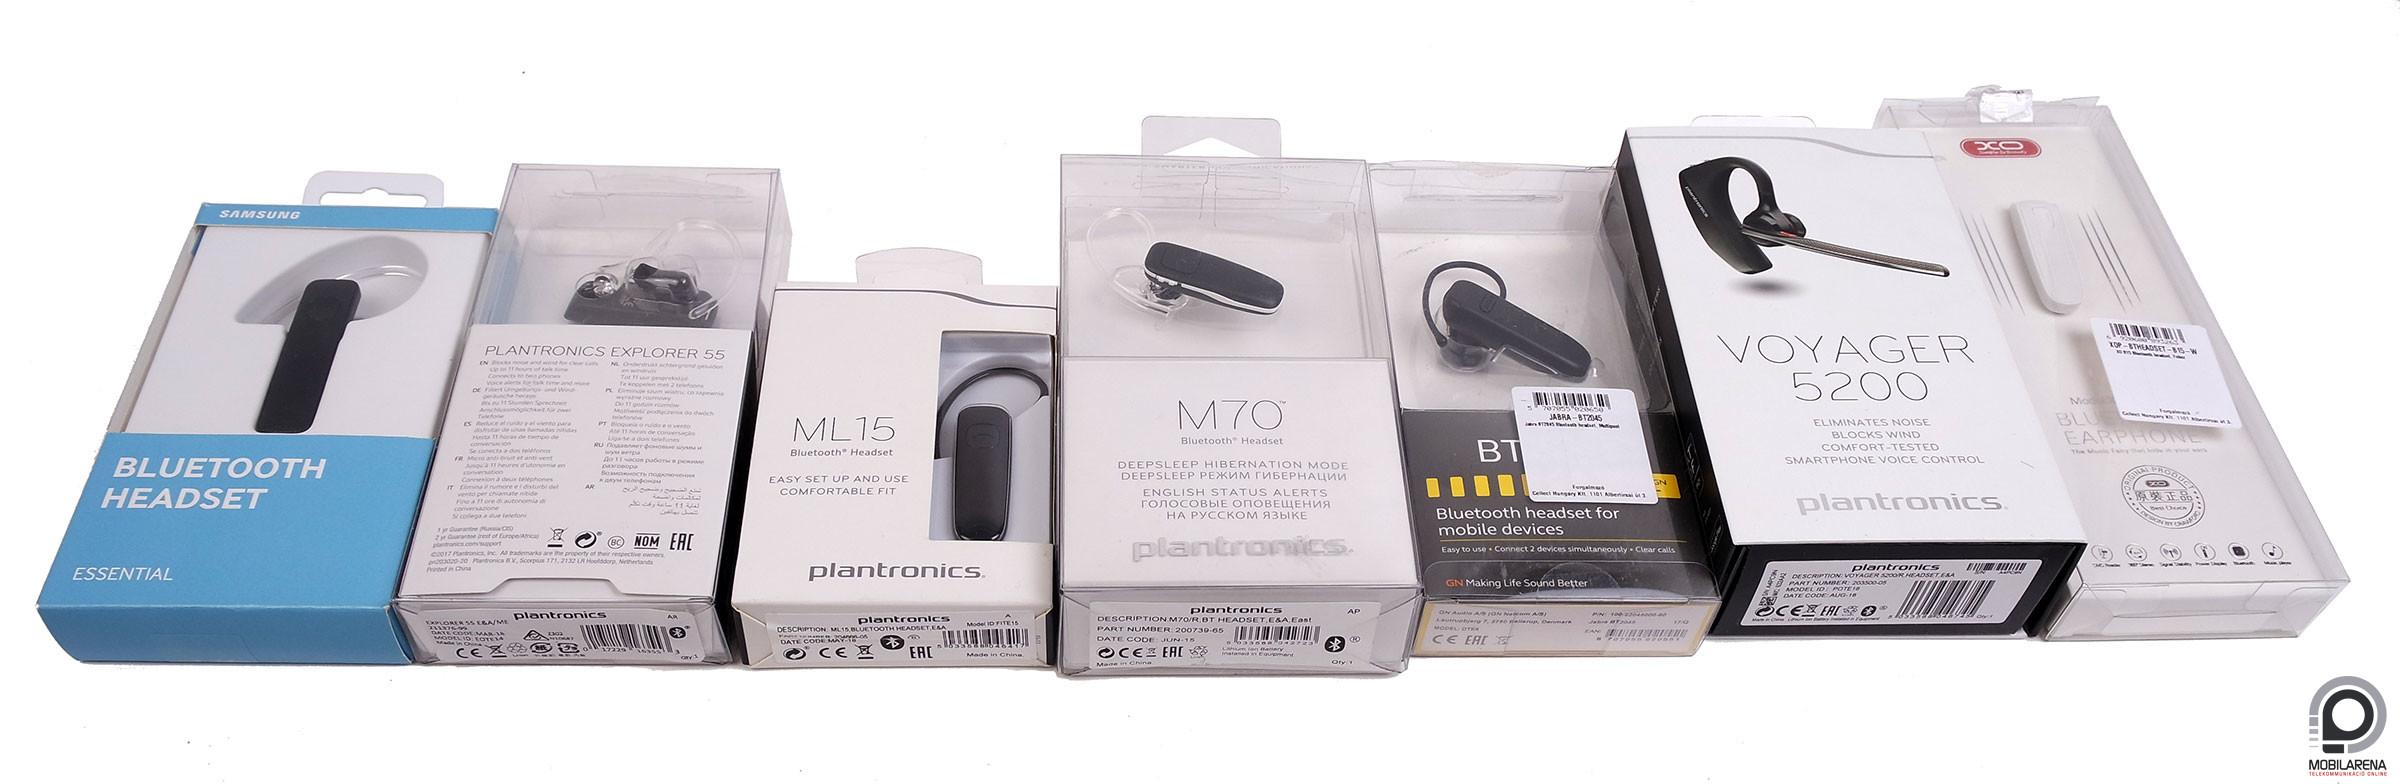 Bluetooth headsetek minden kategóriából - Mobilarena Tartozékok teszt -  Nyomtatóbarát verzió 5376f138b1